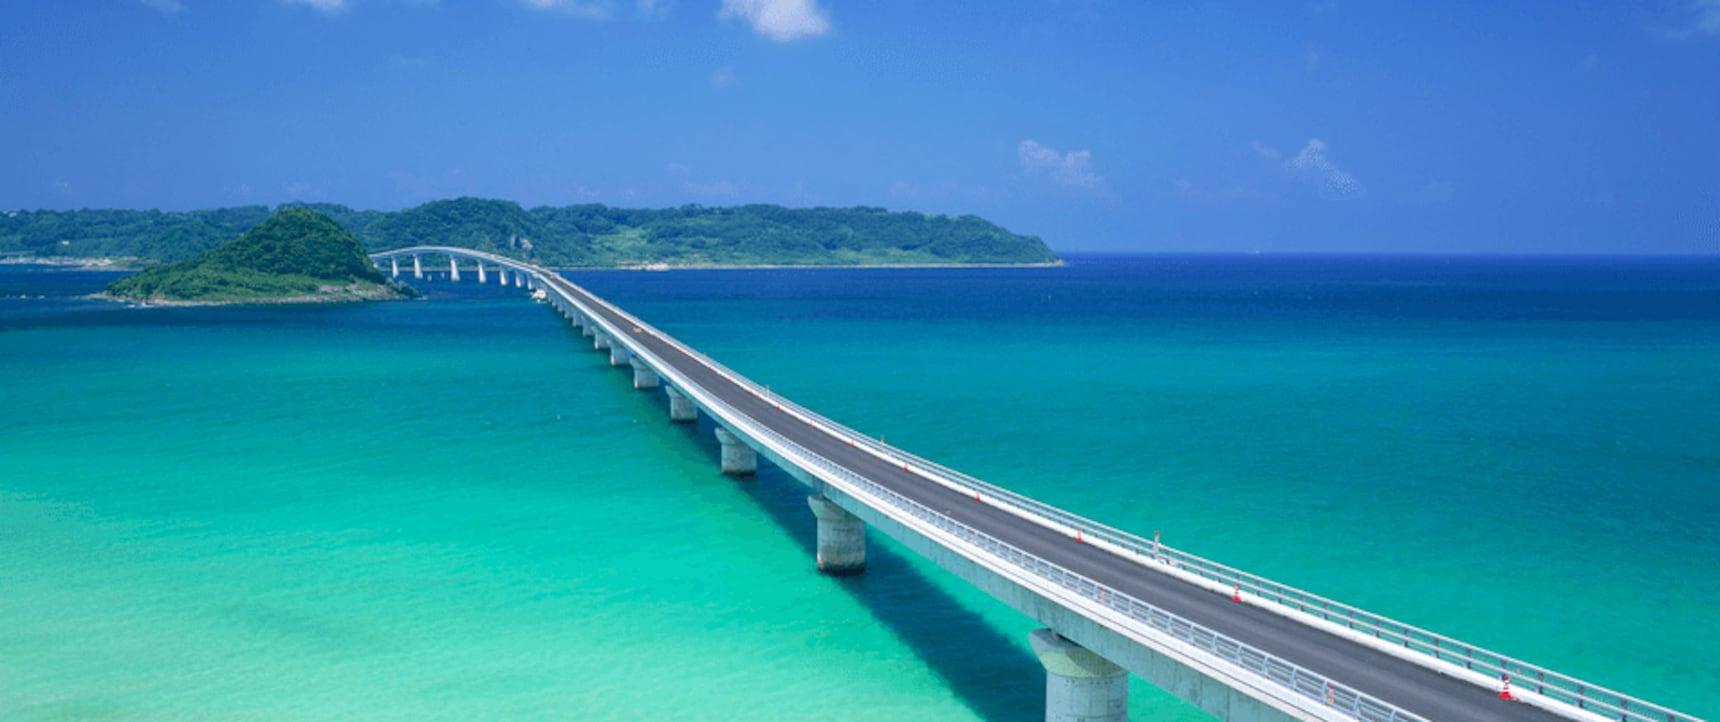 사면이 바다인 일본에서 맛볼 수 있는 웰빙 푸드 8가지